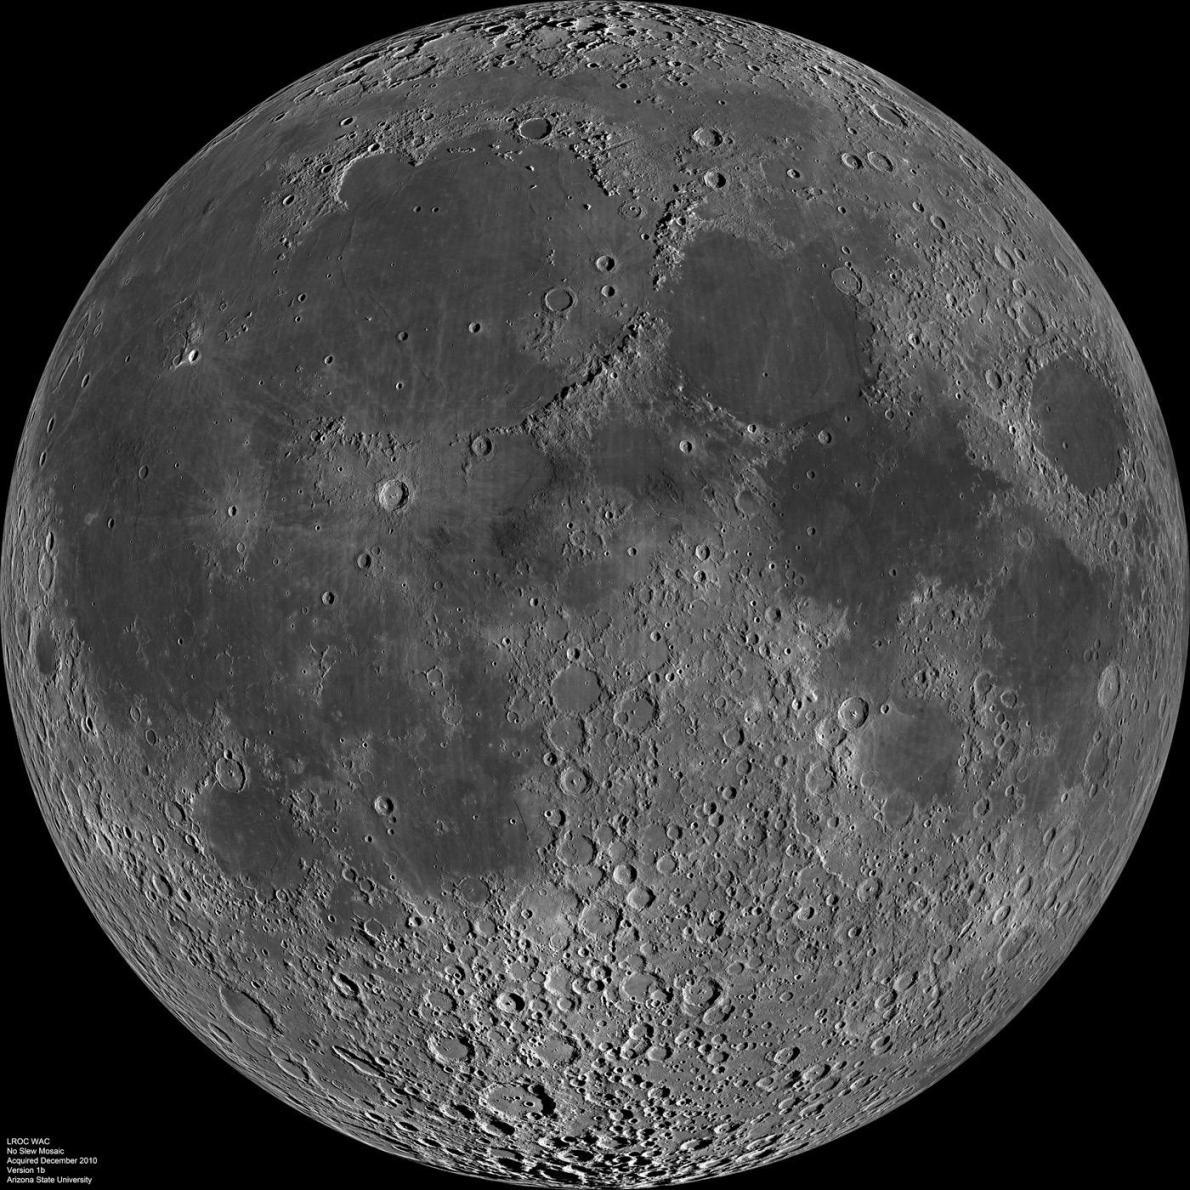 這張由美國航太總署影像所建立的地震震動圖,顯示了與月球表面曼德爾施塔姆懸崖(Mandel'shtam scarp)相關的逆衝斷層上的淺層月震所產生的預期運動PHOTOGRAPH BY UNIVERSITY OF MARYLAND/SMITHSONIAN